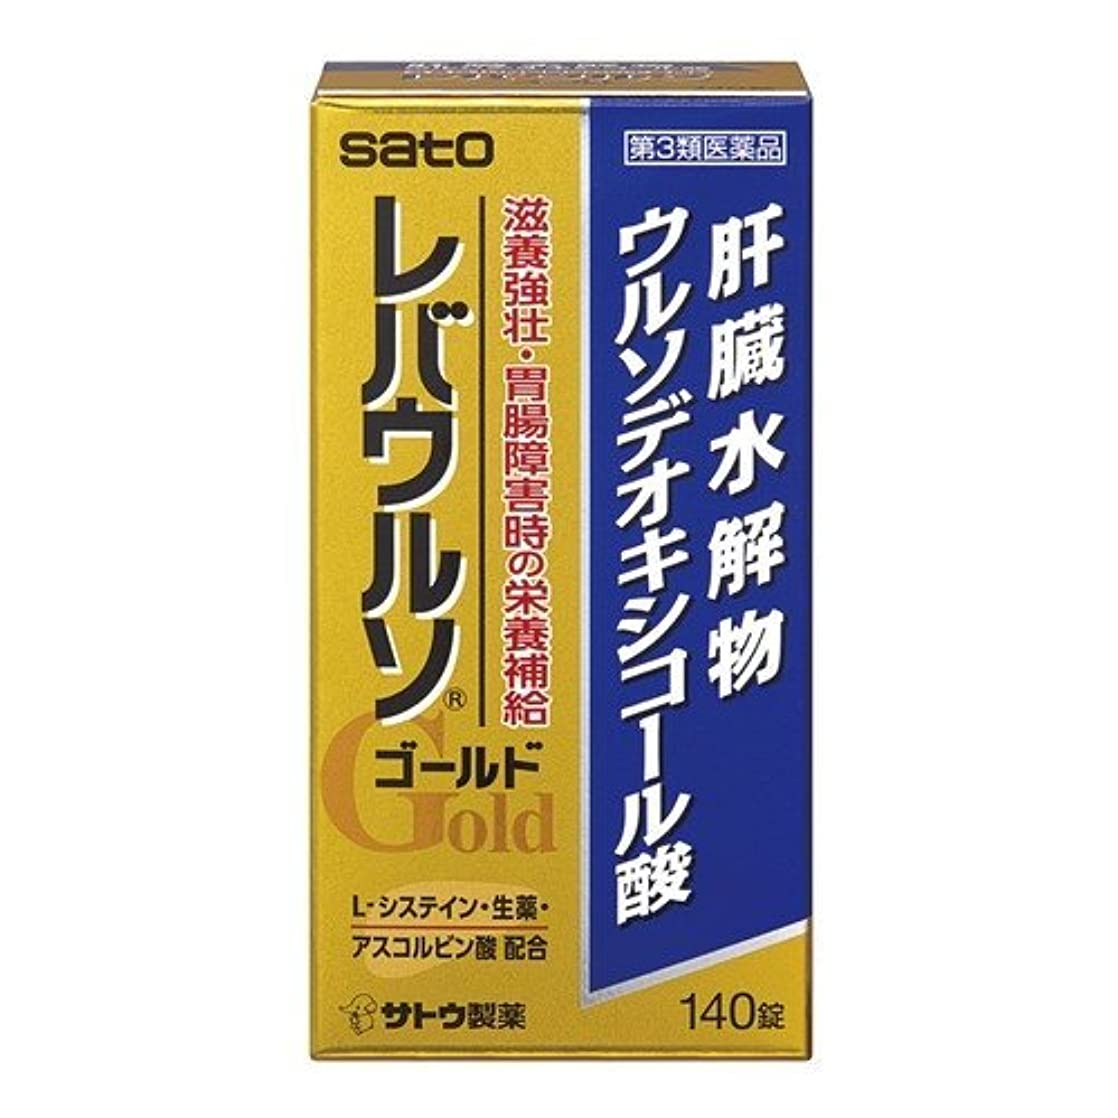 ブレース備品子供っぽい【第3類医薬品】レバウルソゴールド 140錠 ×2